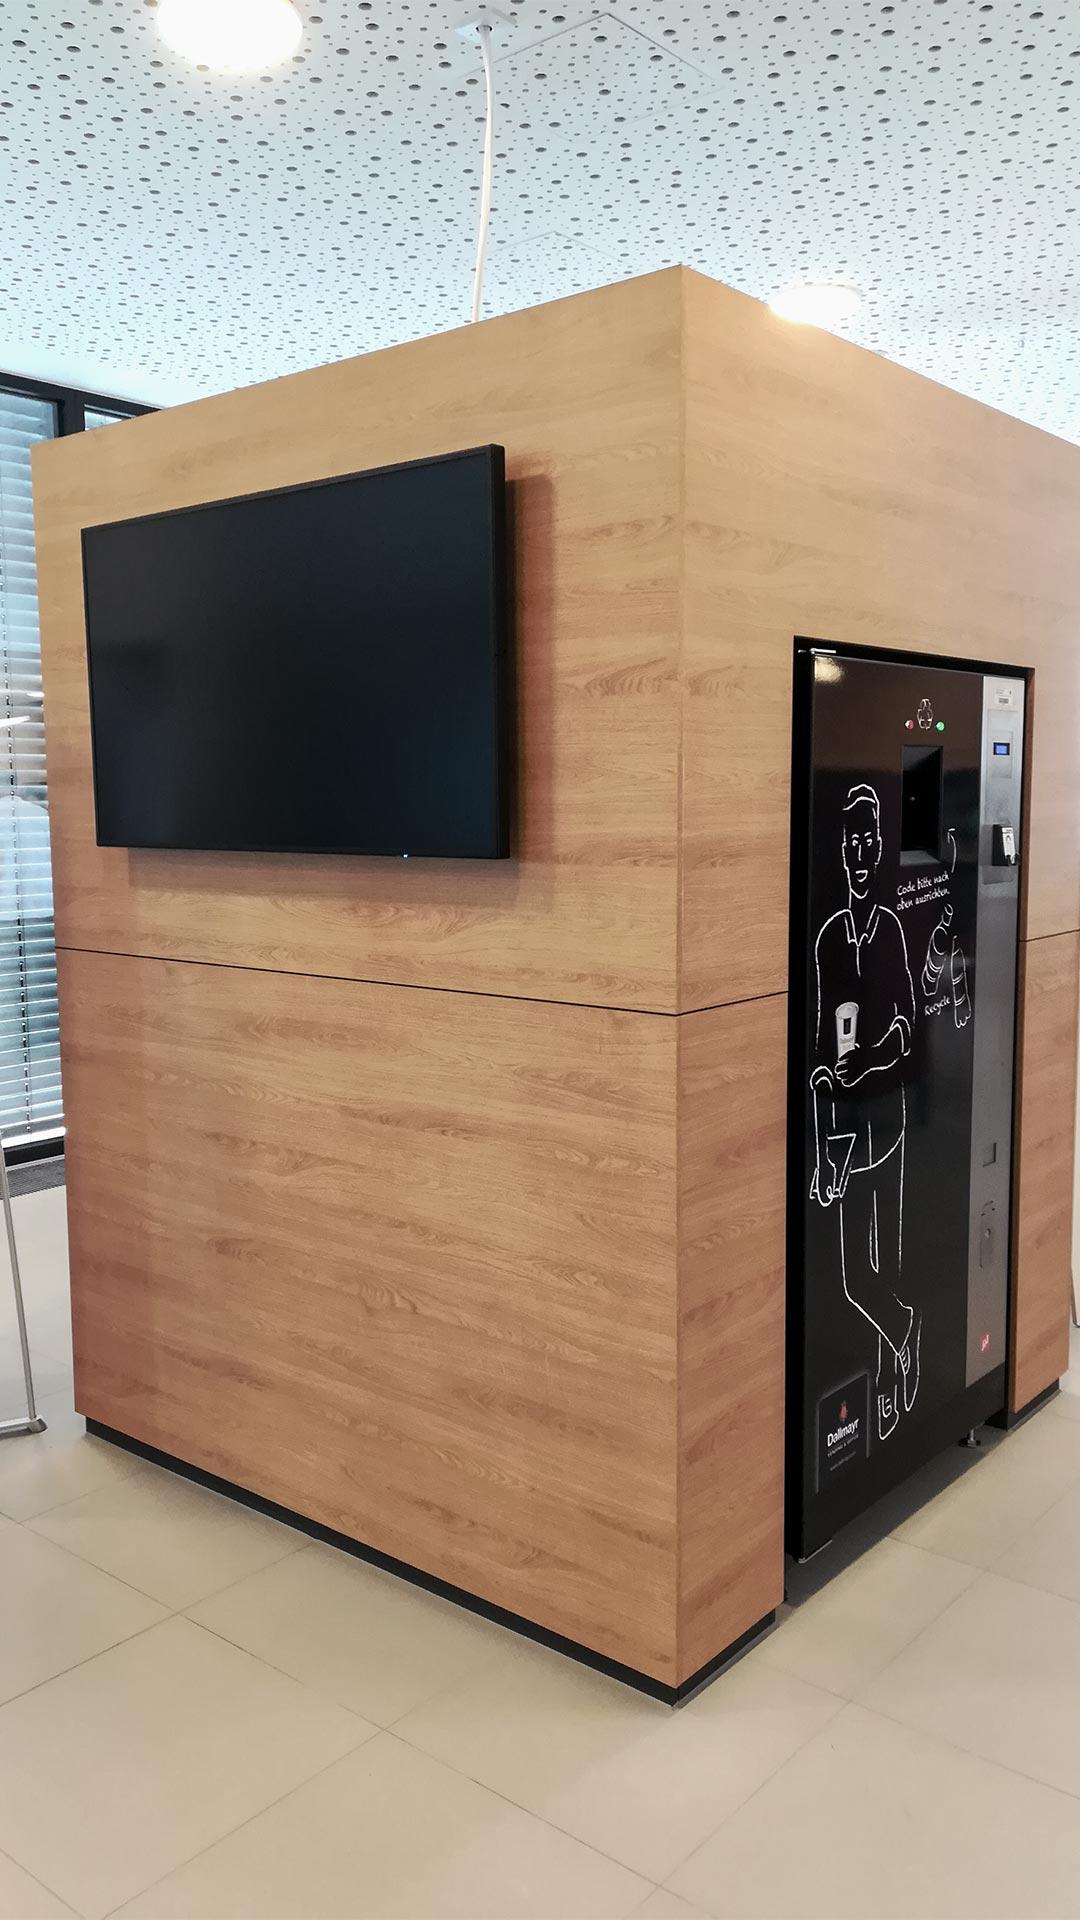 Der Einbauschrank im Eingangsbereich der Haribo Firmenzentrale beinhaltet einen Kaffeeautomaten und einen Bildschirm zum Anzeigen der Speisekarte.